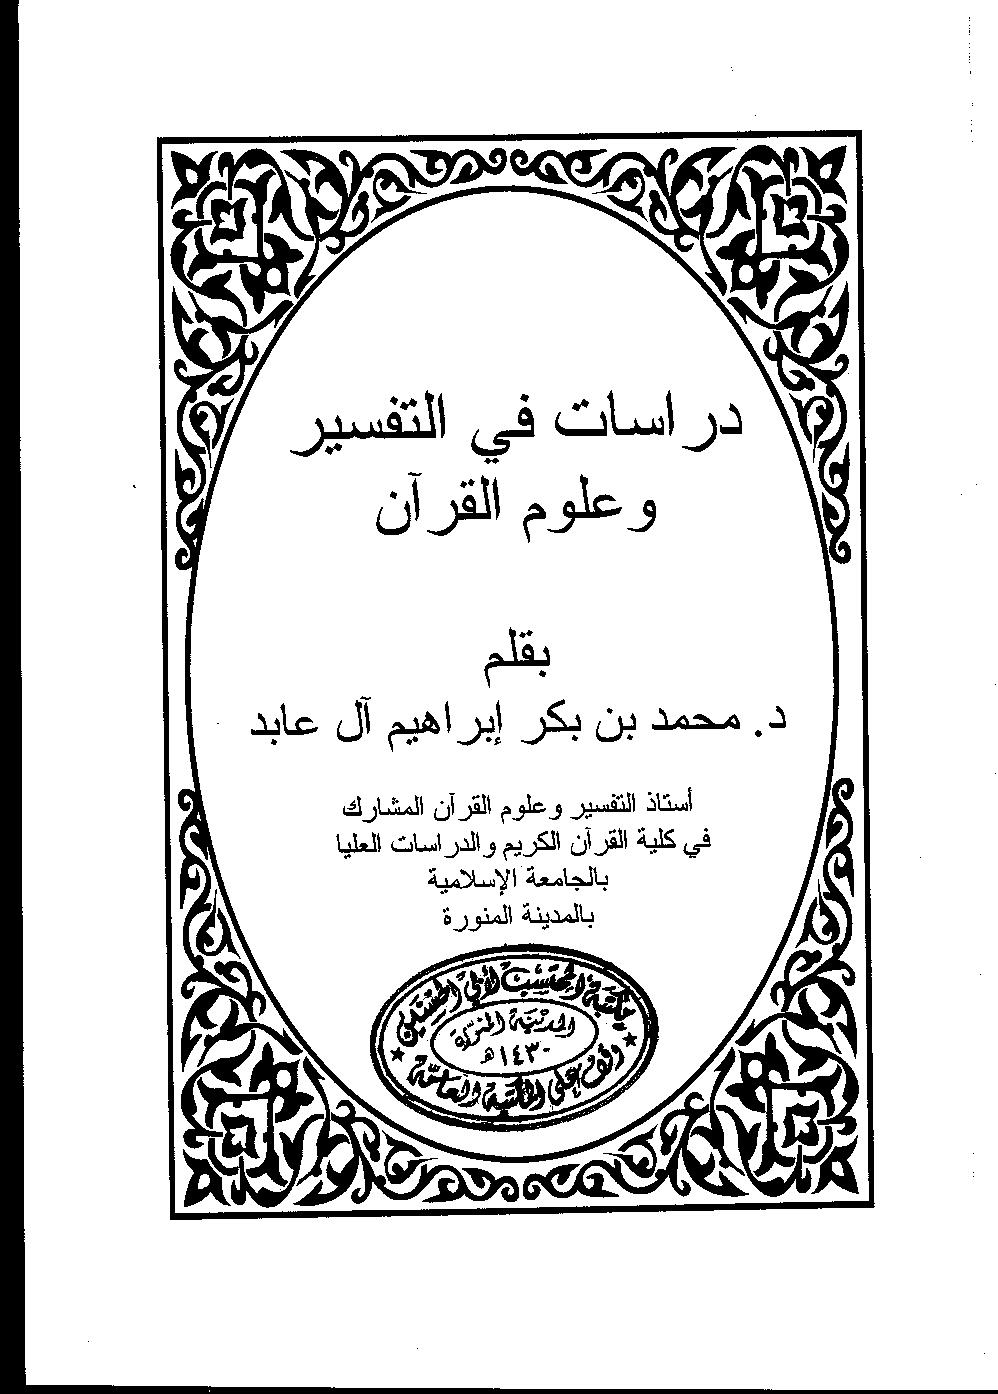 تحميل كتاب دراسات في التفسير وعلوم القرآن لـِ: الدكتور محمد بن بكر إبراهيم آل عابد